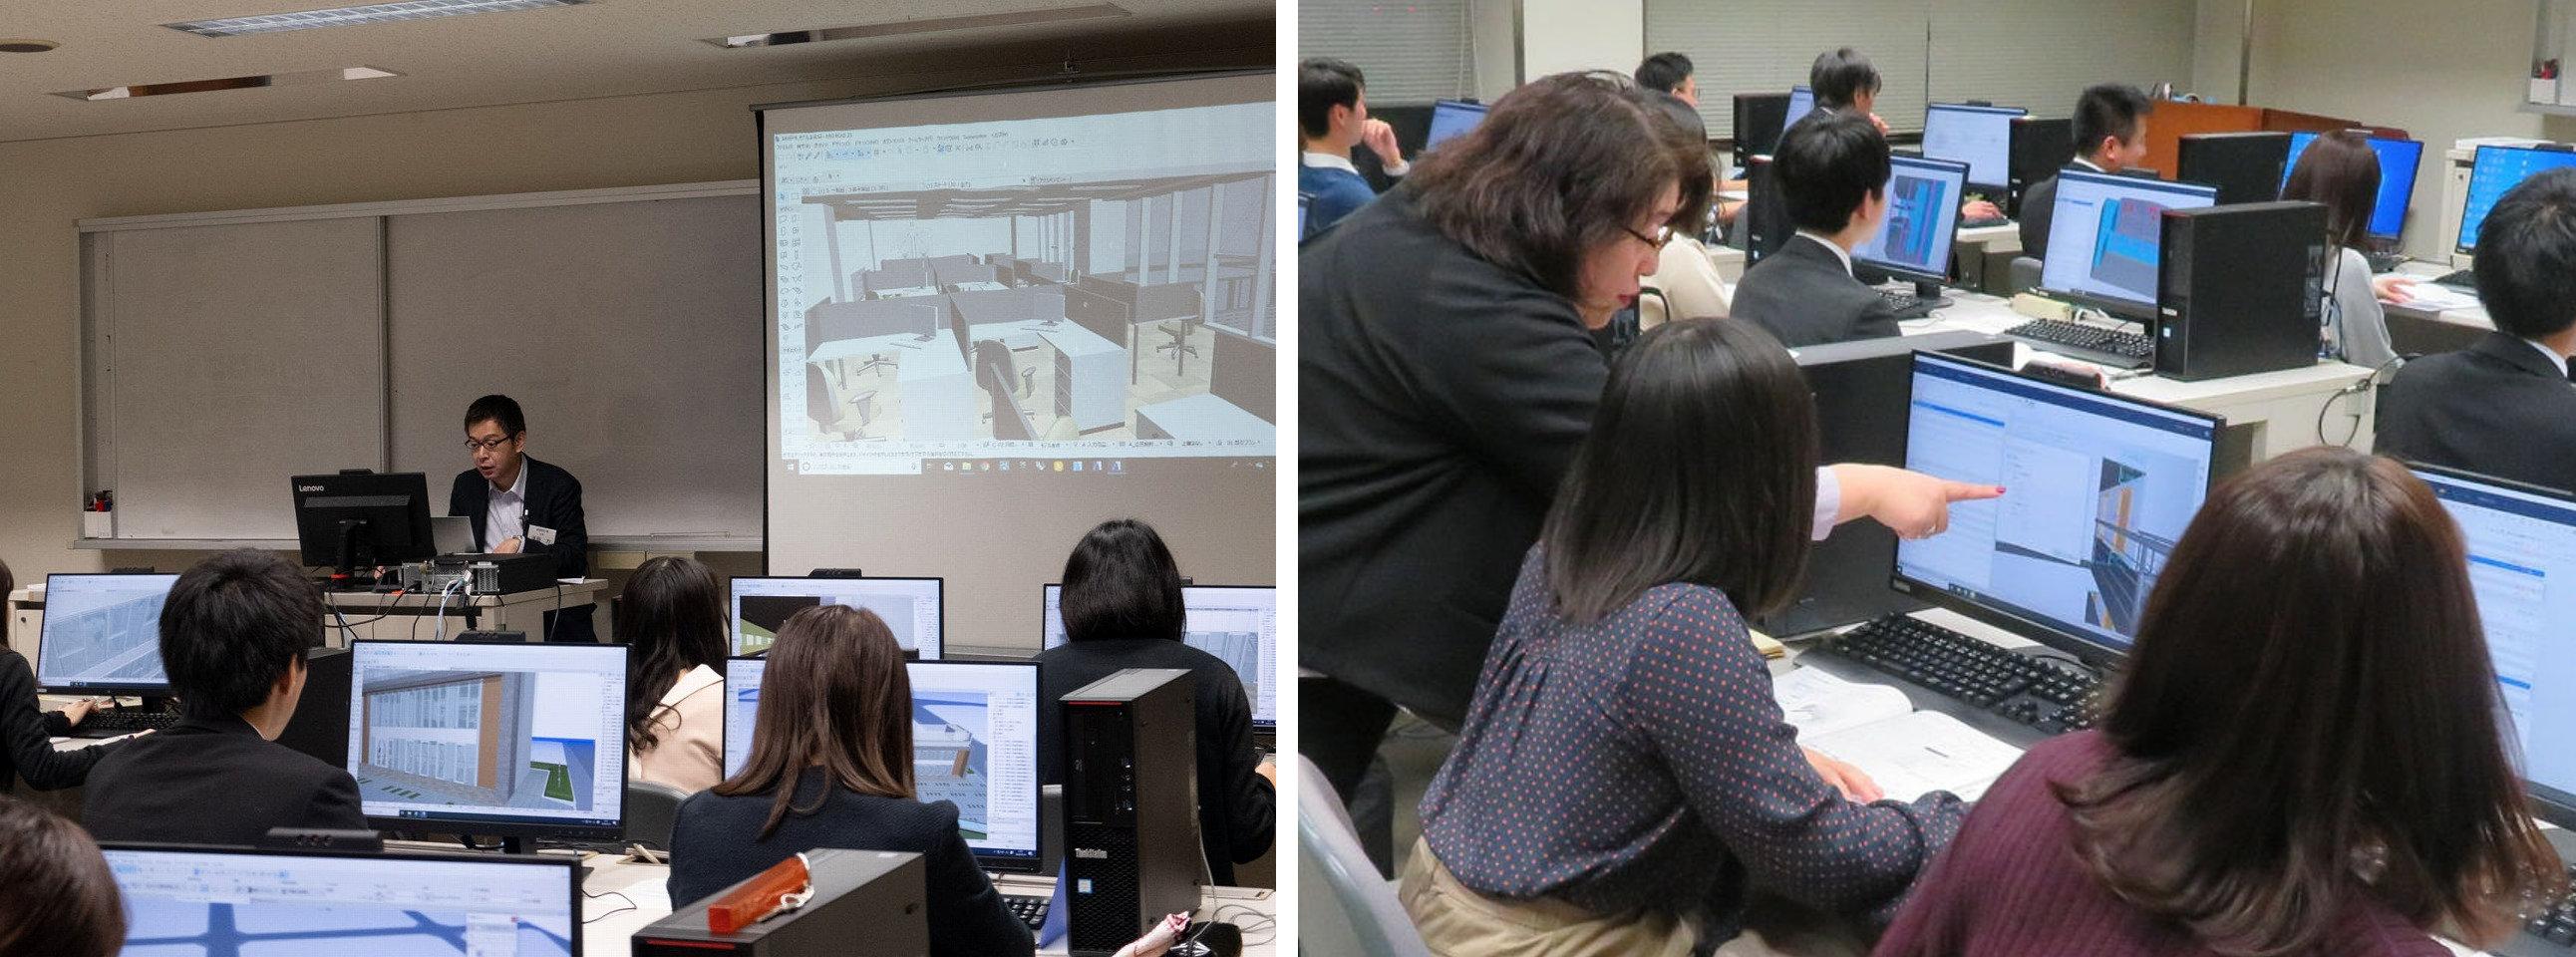 ARCHICADで建物のBIMモデルやプレゼン資料の作成も職員自らが行った